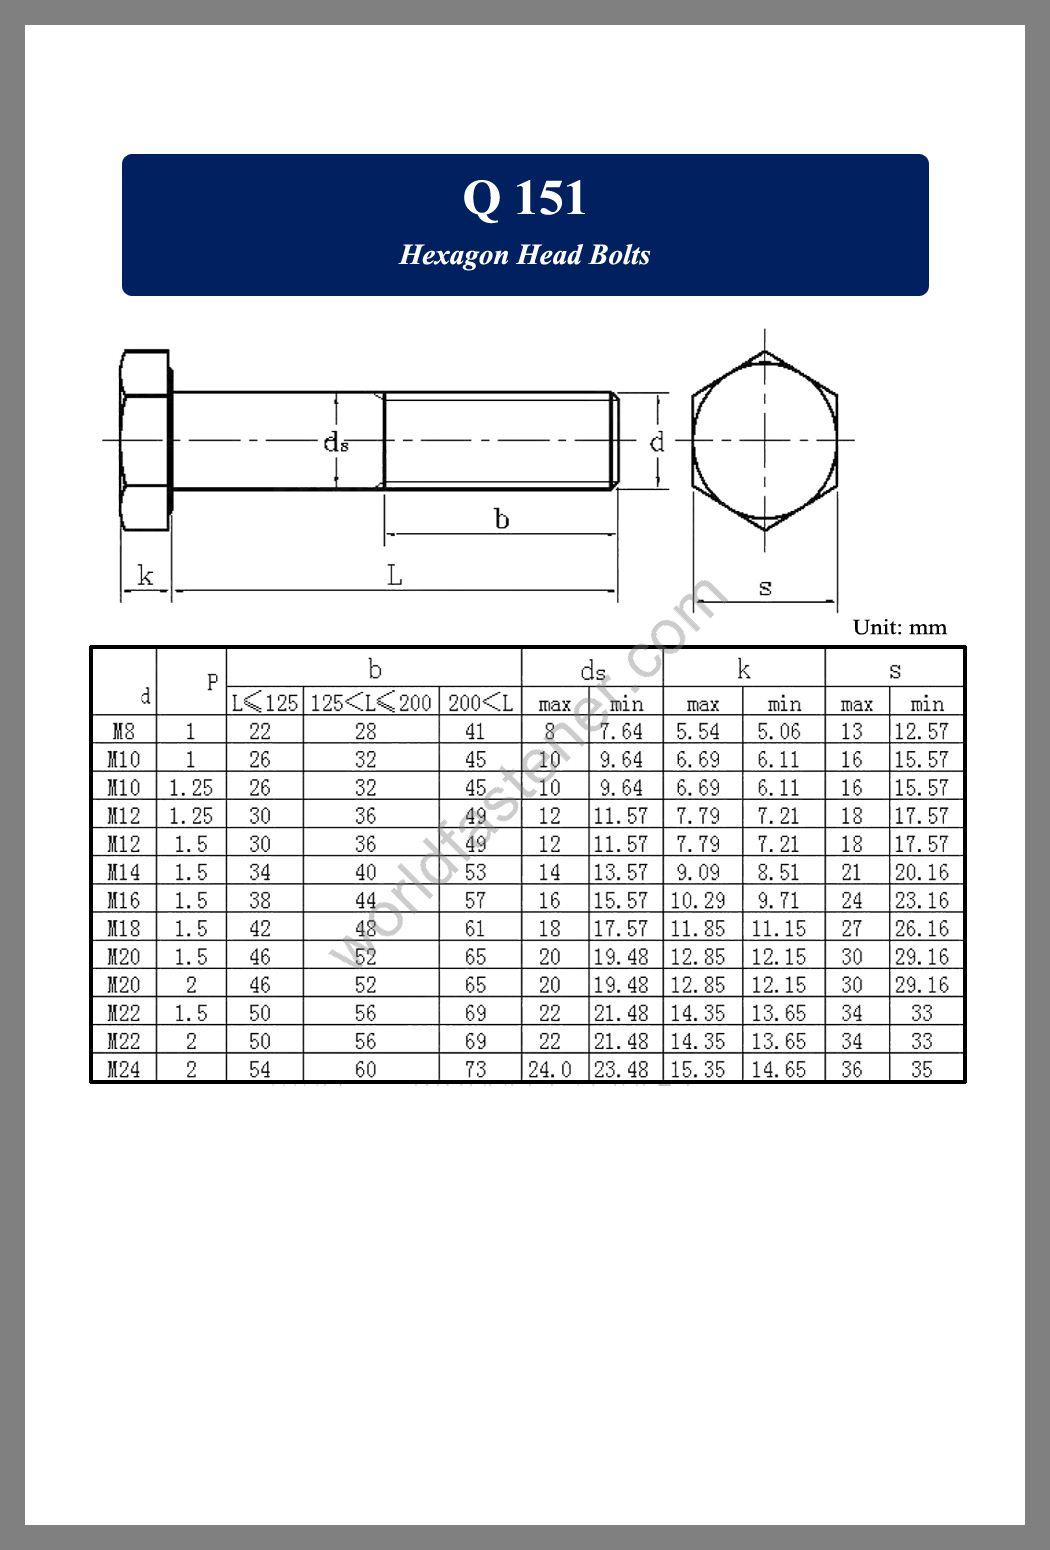 Q151, Q 151 Hexagon Head Bolts, fastener, screw, bolt, Q bolt, Q Standard Fastener